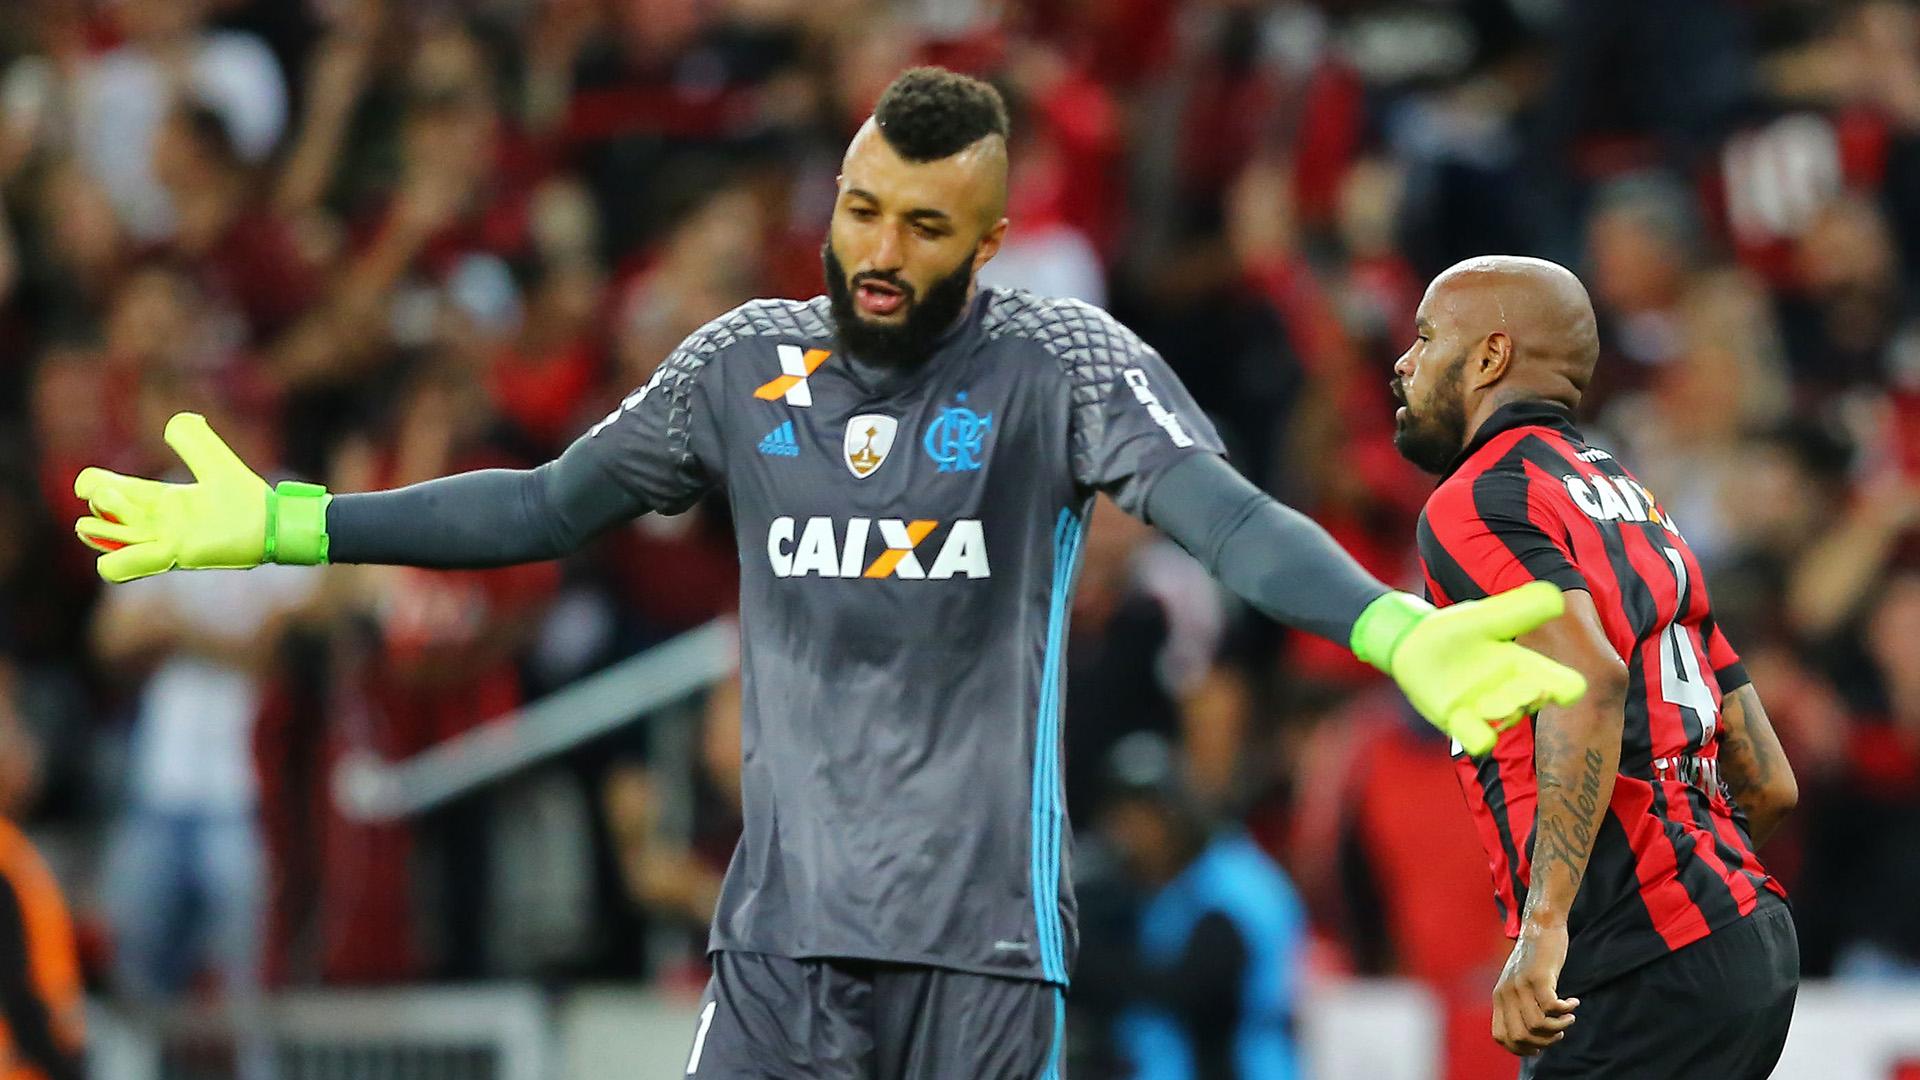 Alex Muralha Thiago Heleno Atletico-PR Flamengo Libertadores 26042017